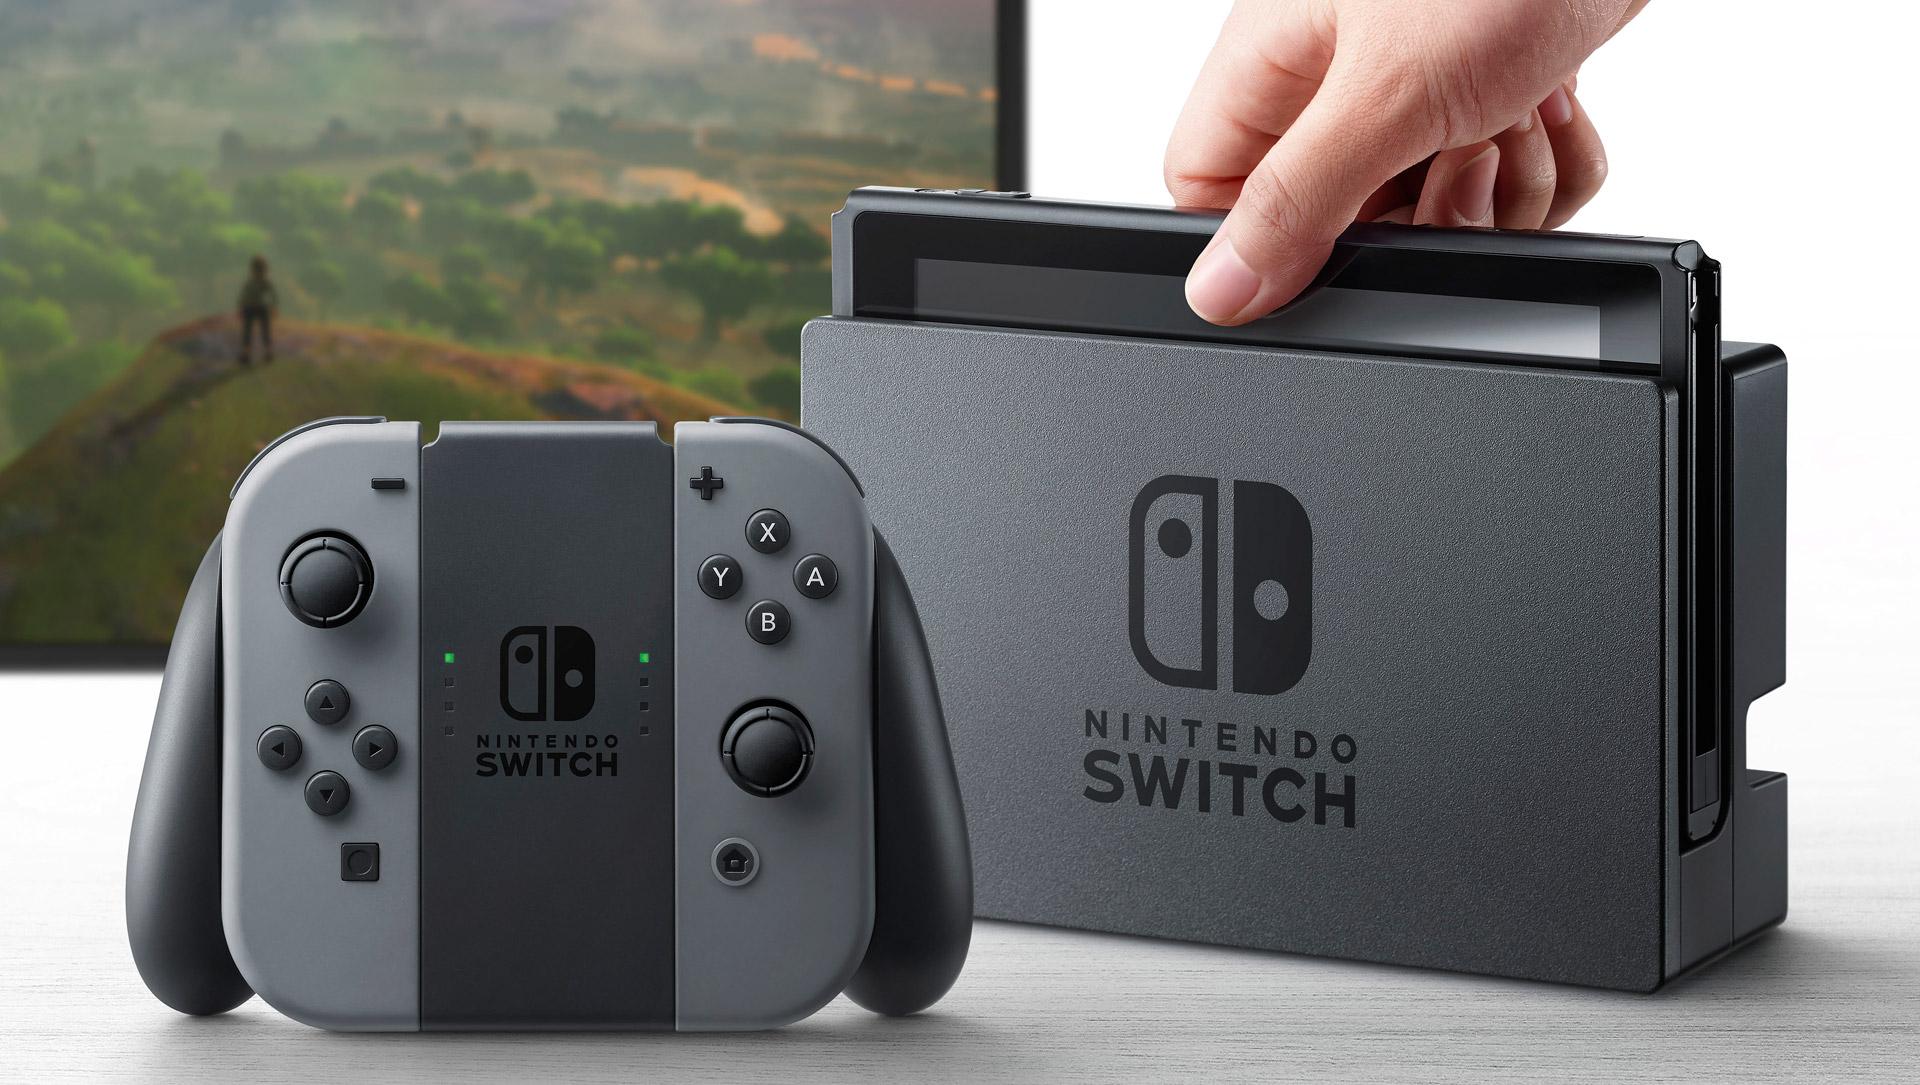 Switch-forhandlerne i Japan tar til kreative metoder for å bestemme hvem som kjøpt en av de få tilgjengelige konsollene.